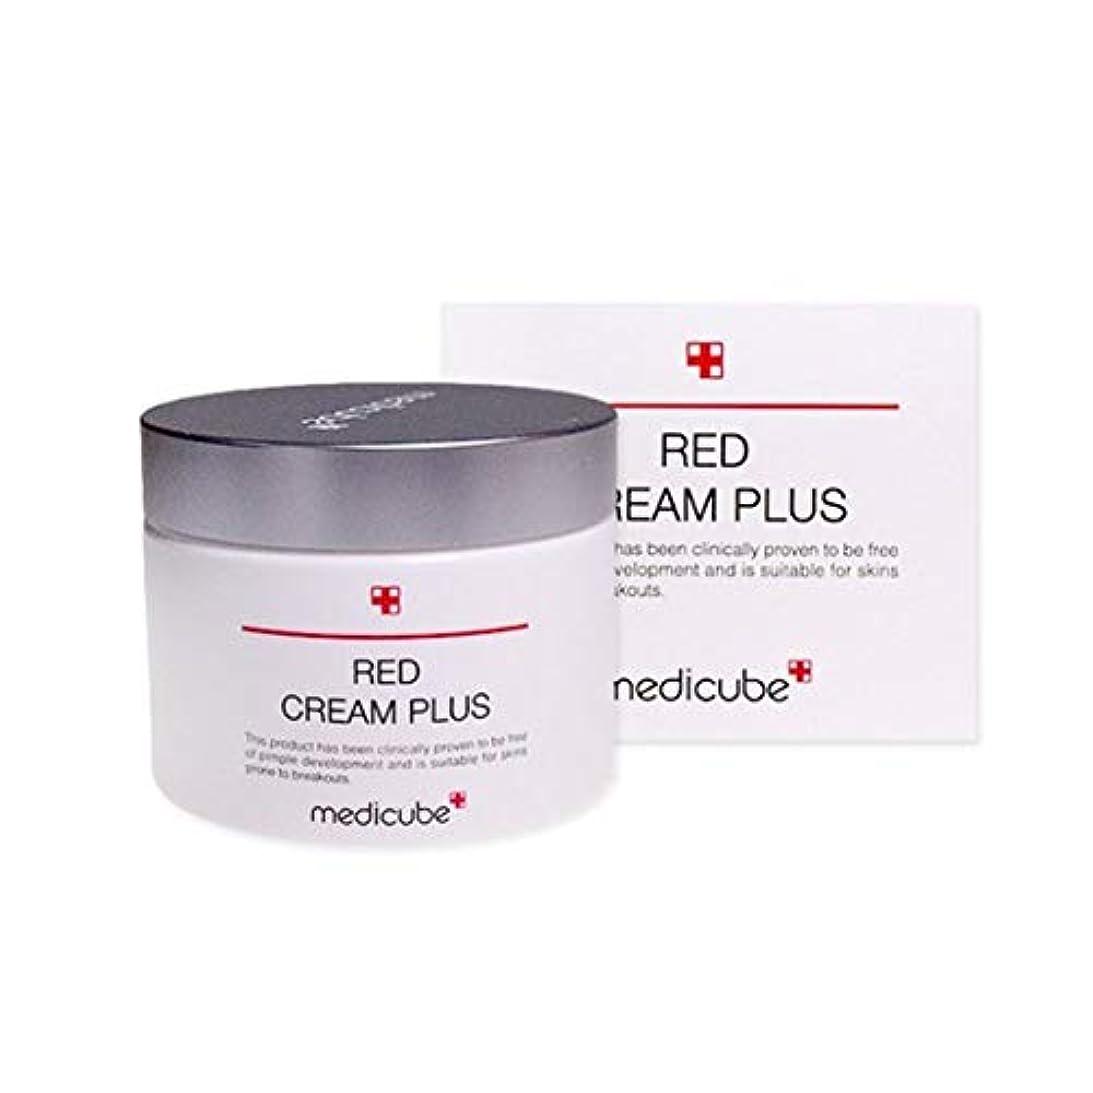 うまサンダルトロイの木馬メディキューブレッドクリームプラス100ml韓国コスメ、Medicube Red Cream Plus 100ml Korean Cosmetics [並行輸入品]